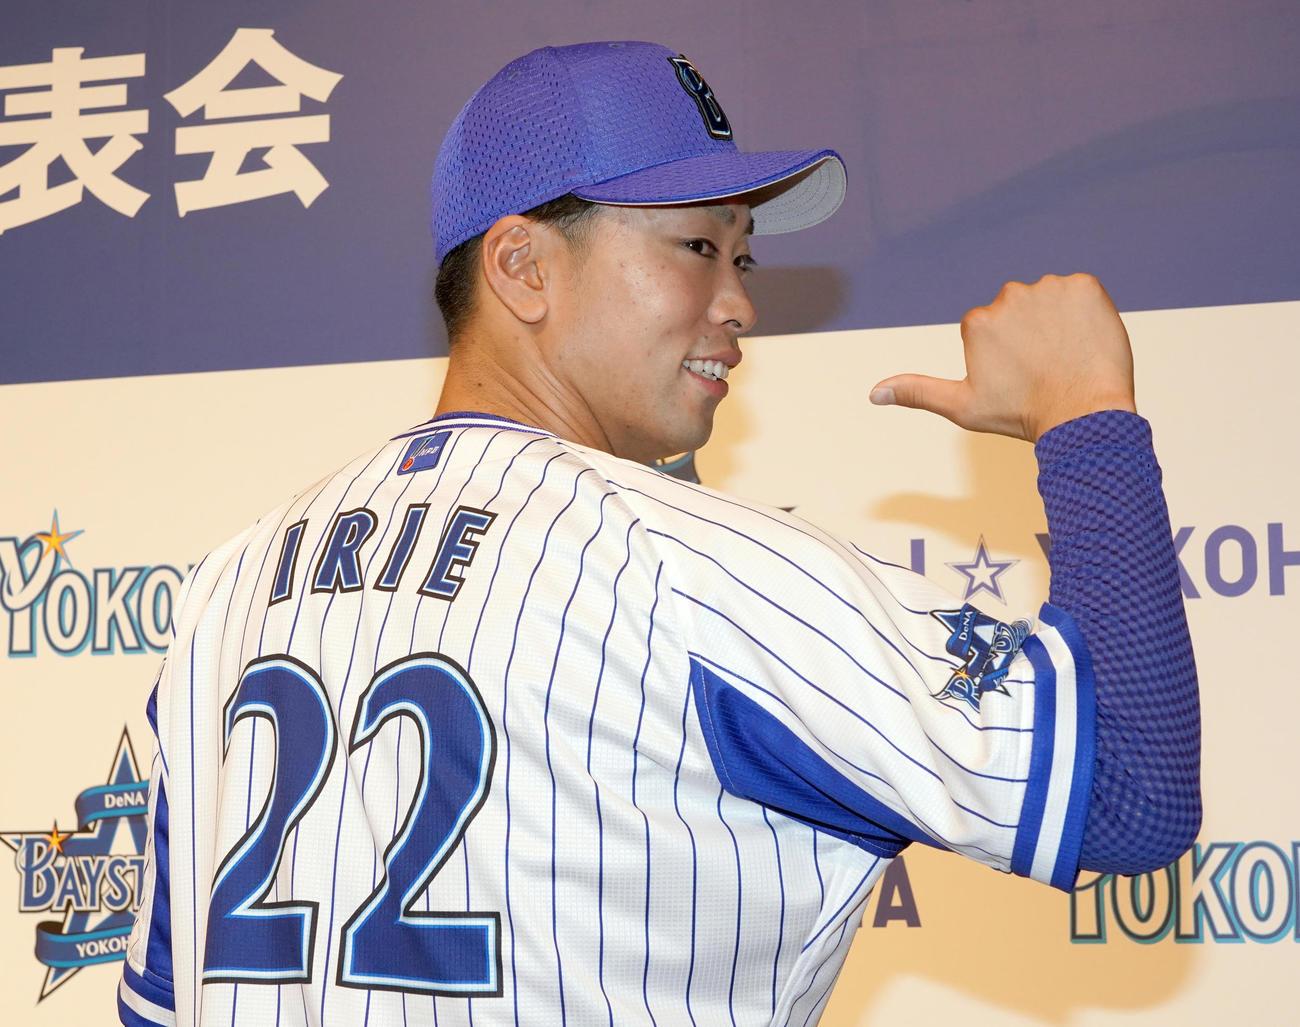 DeNA新入団発表で背番号「22」を披露するドラフト1位の入江(代表撮影)